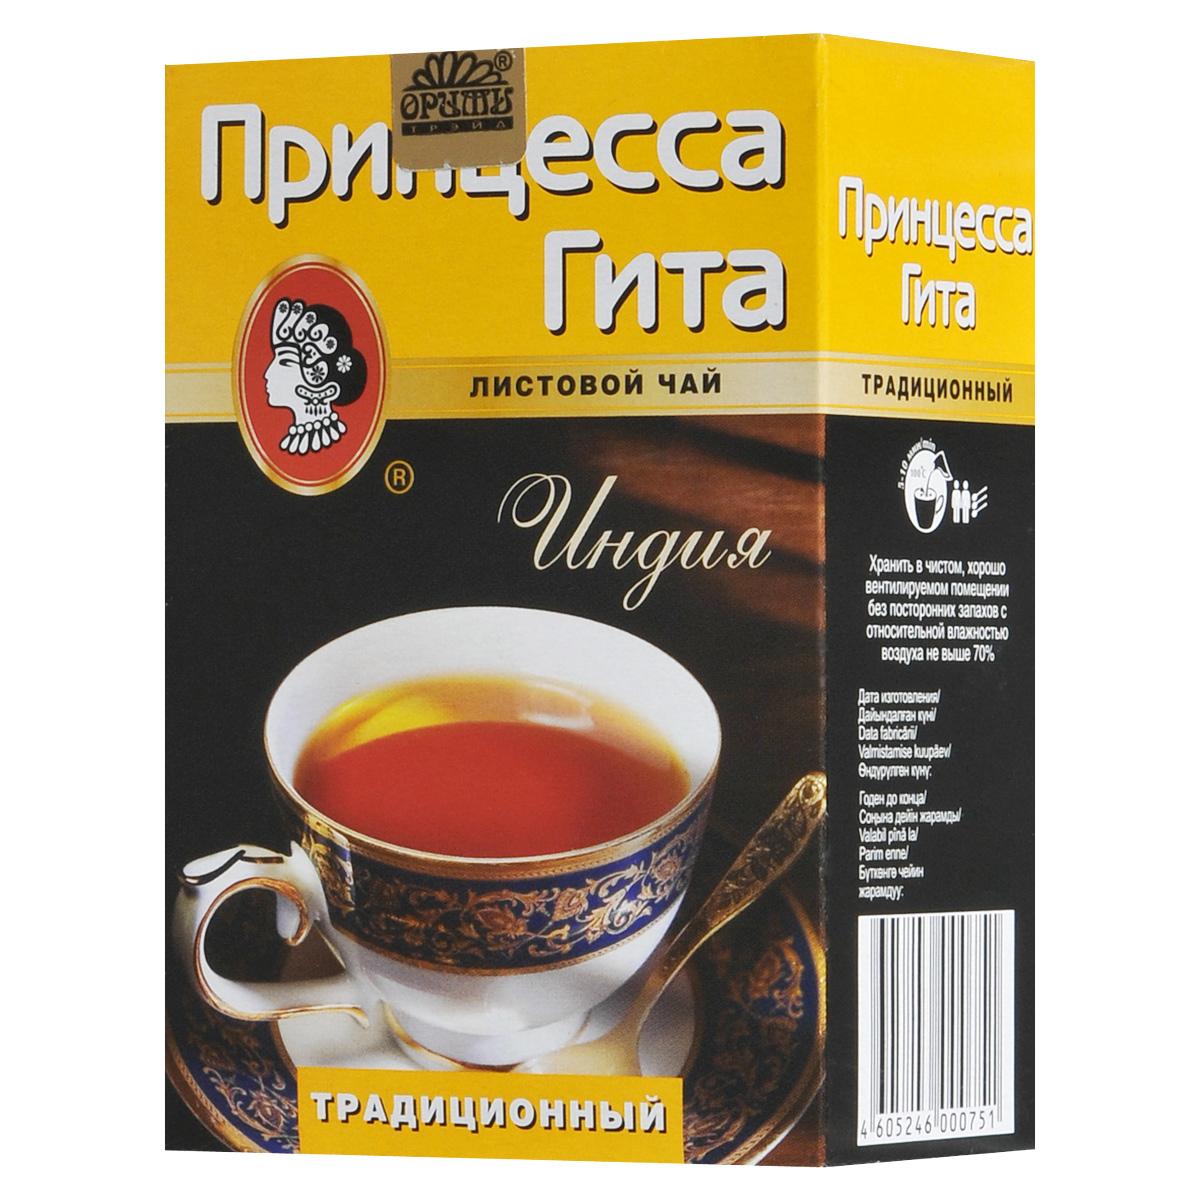 Принцесса Гита Традиционный черный листовой чай, 100 г0075-64Листовой чай Принцесса Гита Традиционный - идеальный выбор для любителей настоящего индийского чая. Чашка этого тонизирующего чая подарит вам бодрость и хорошее настроение на весь день.